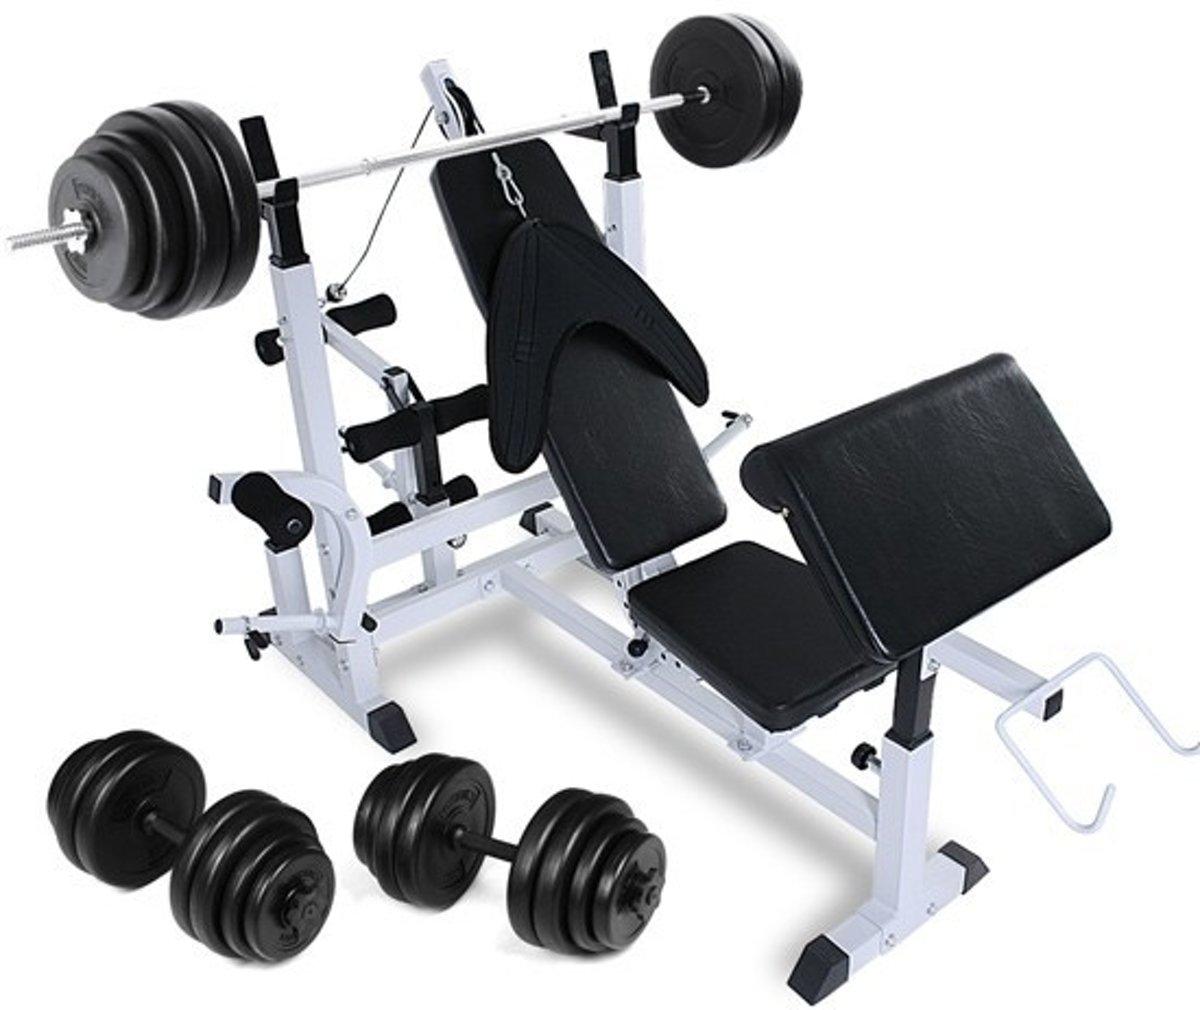 Multifuncitoneel fitnessbank compleet - halterstang - Dumbells - Gewichten - 101 - 5 kG kopen